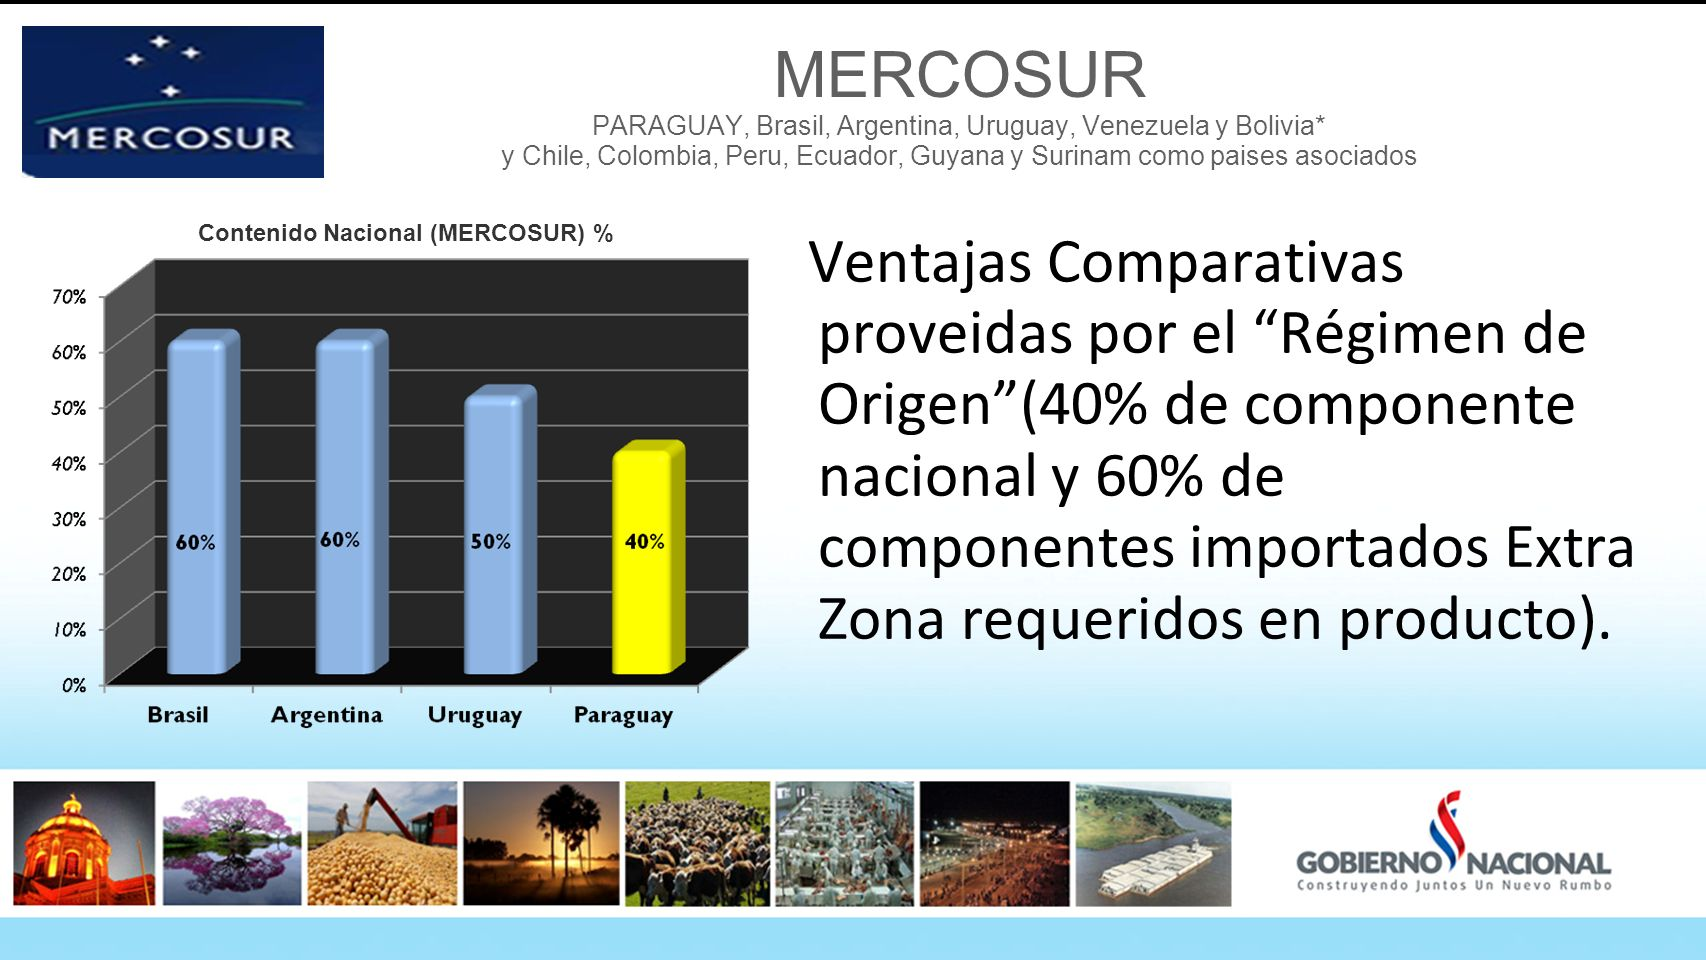 MERCOSUR PARAGUAY, Brasil, Argentina, Uruguay, Venezuela y Bolivia* y Chile, Colombia, Peru, Ecuador, Guyana y Surinam como paises asociados Ventajas